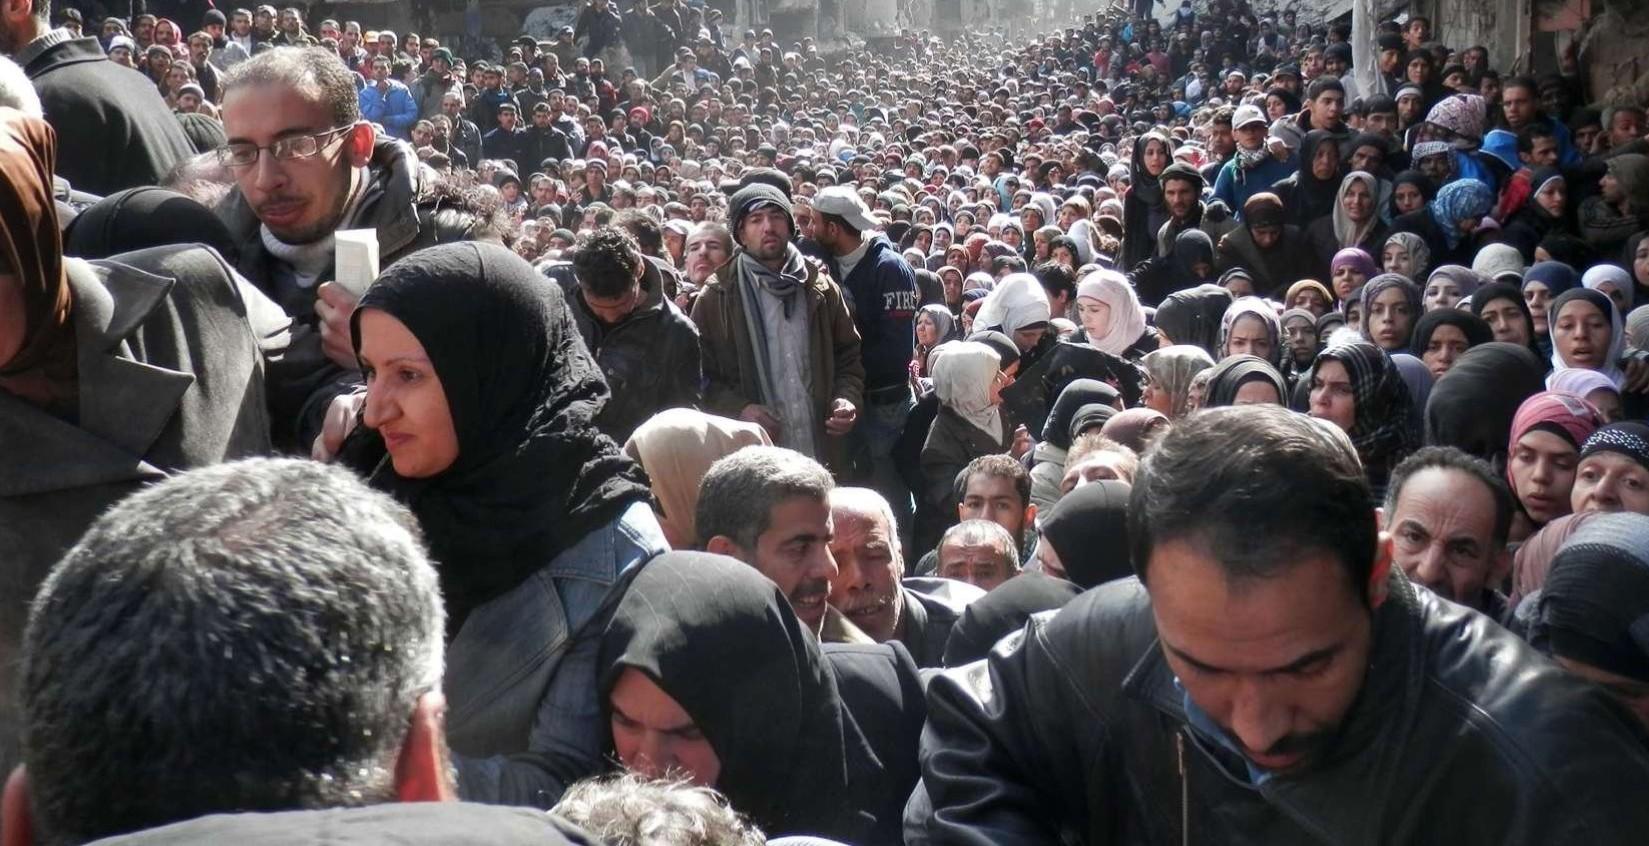 Cuál es el Preciso Plan de los Terroristas para Conquistar Occidente Cristiano